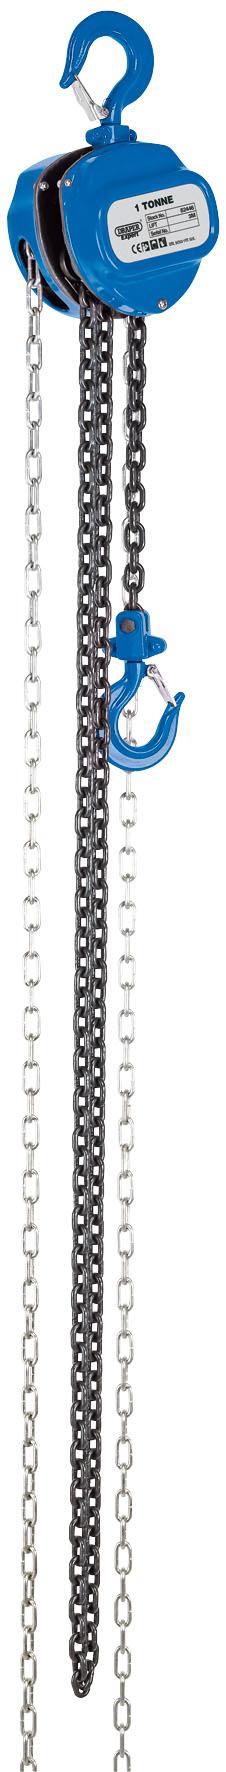 Chain Hoist/Chain Block (1 Tonne)